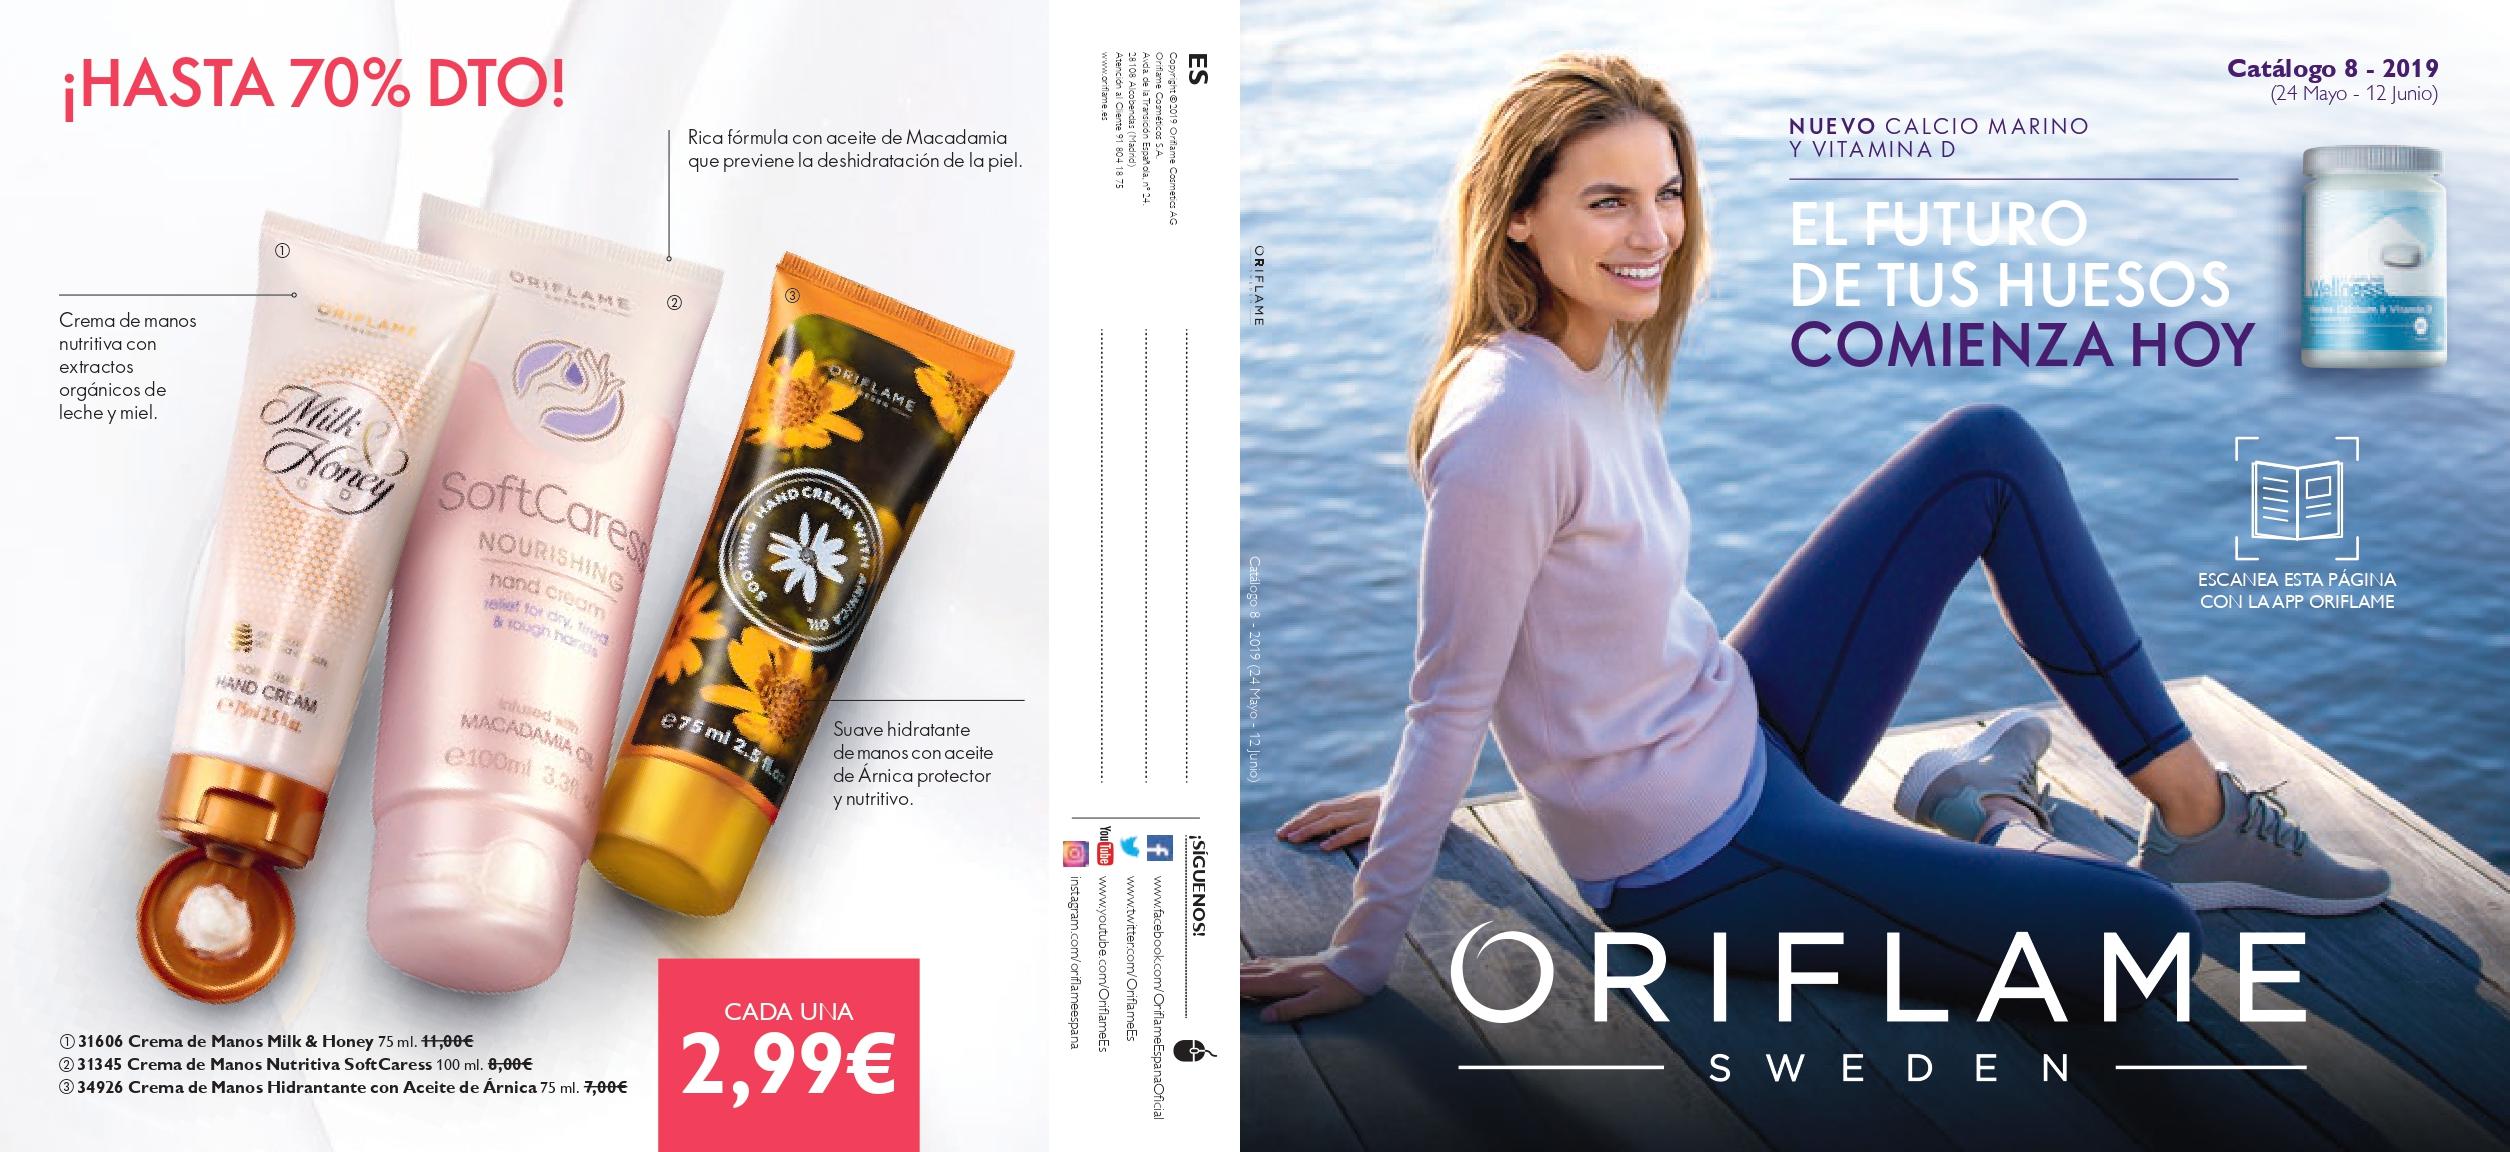 oriflame catalogo 08 068